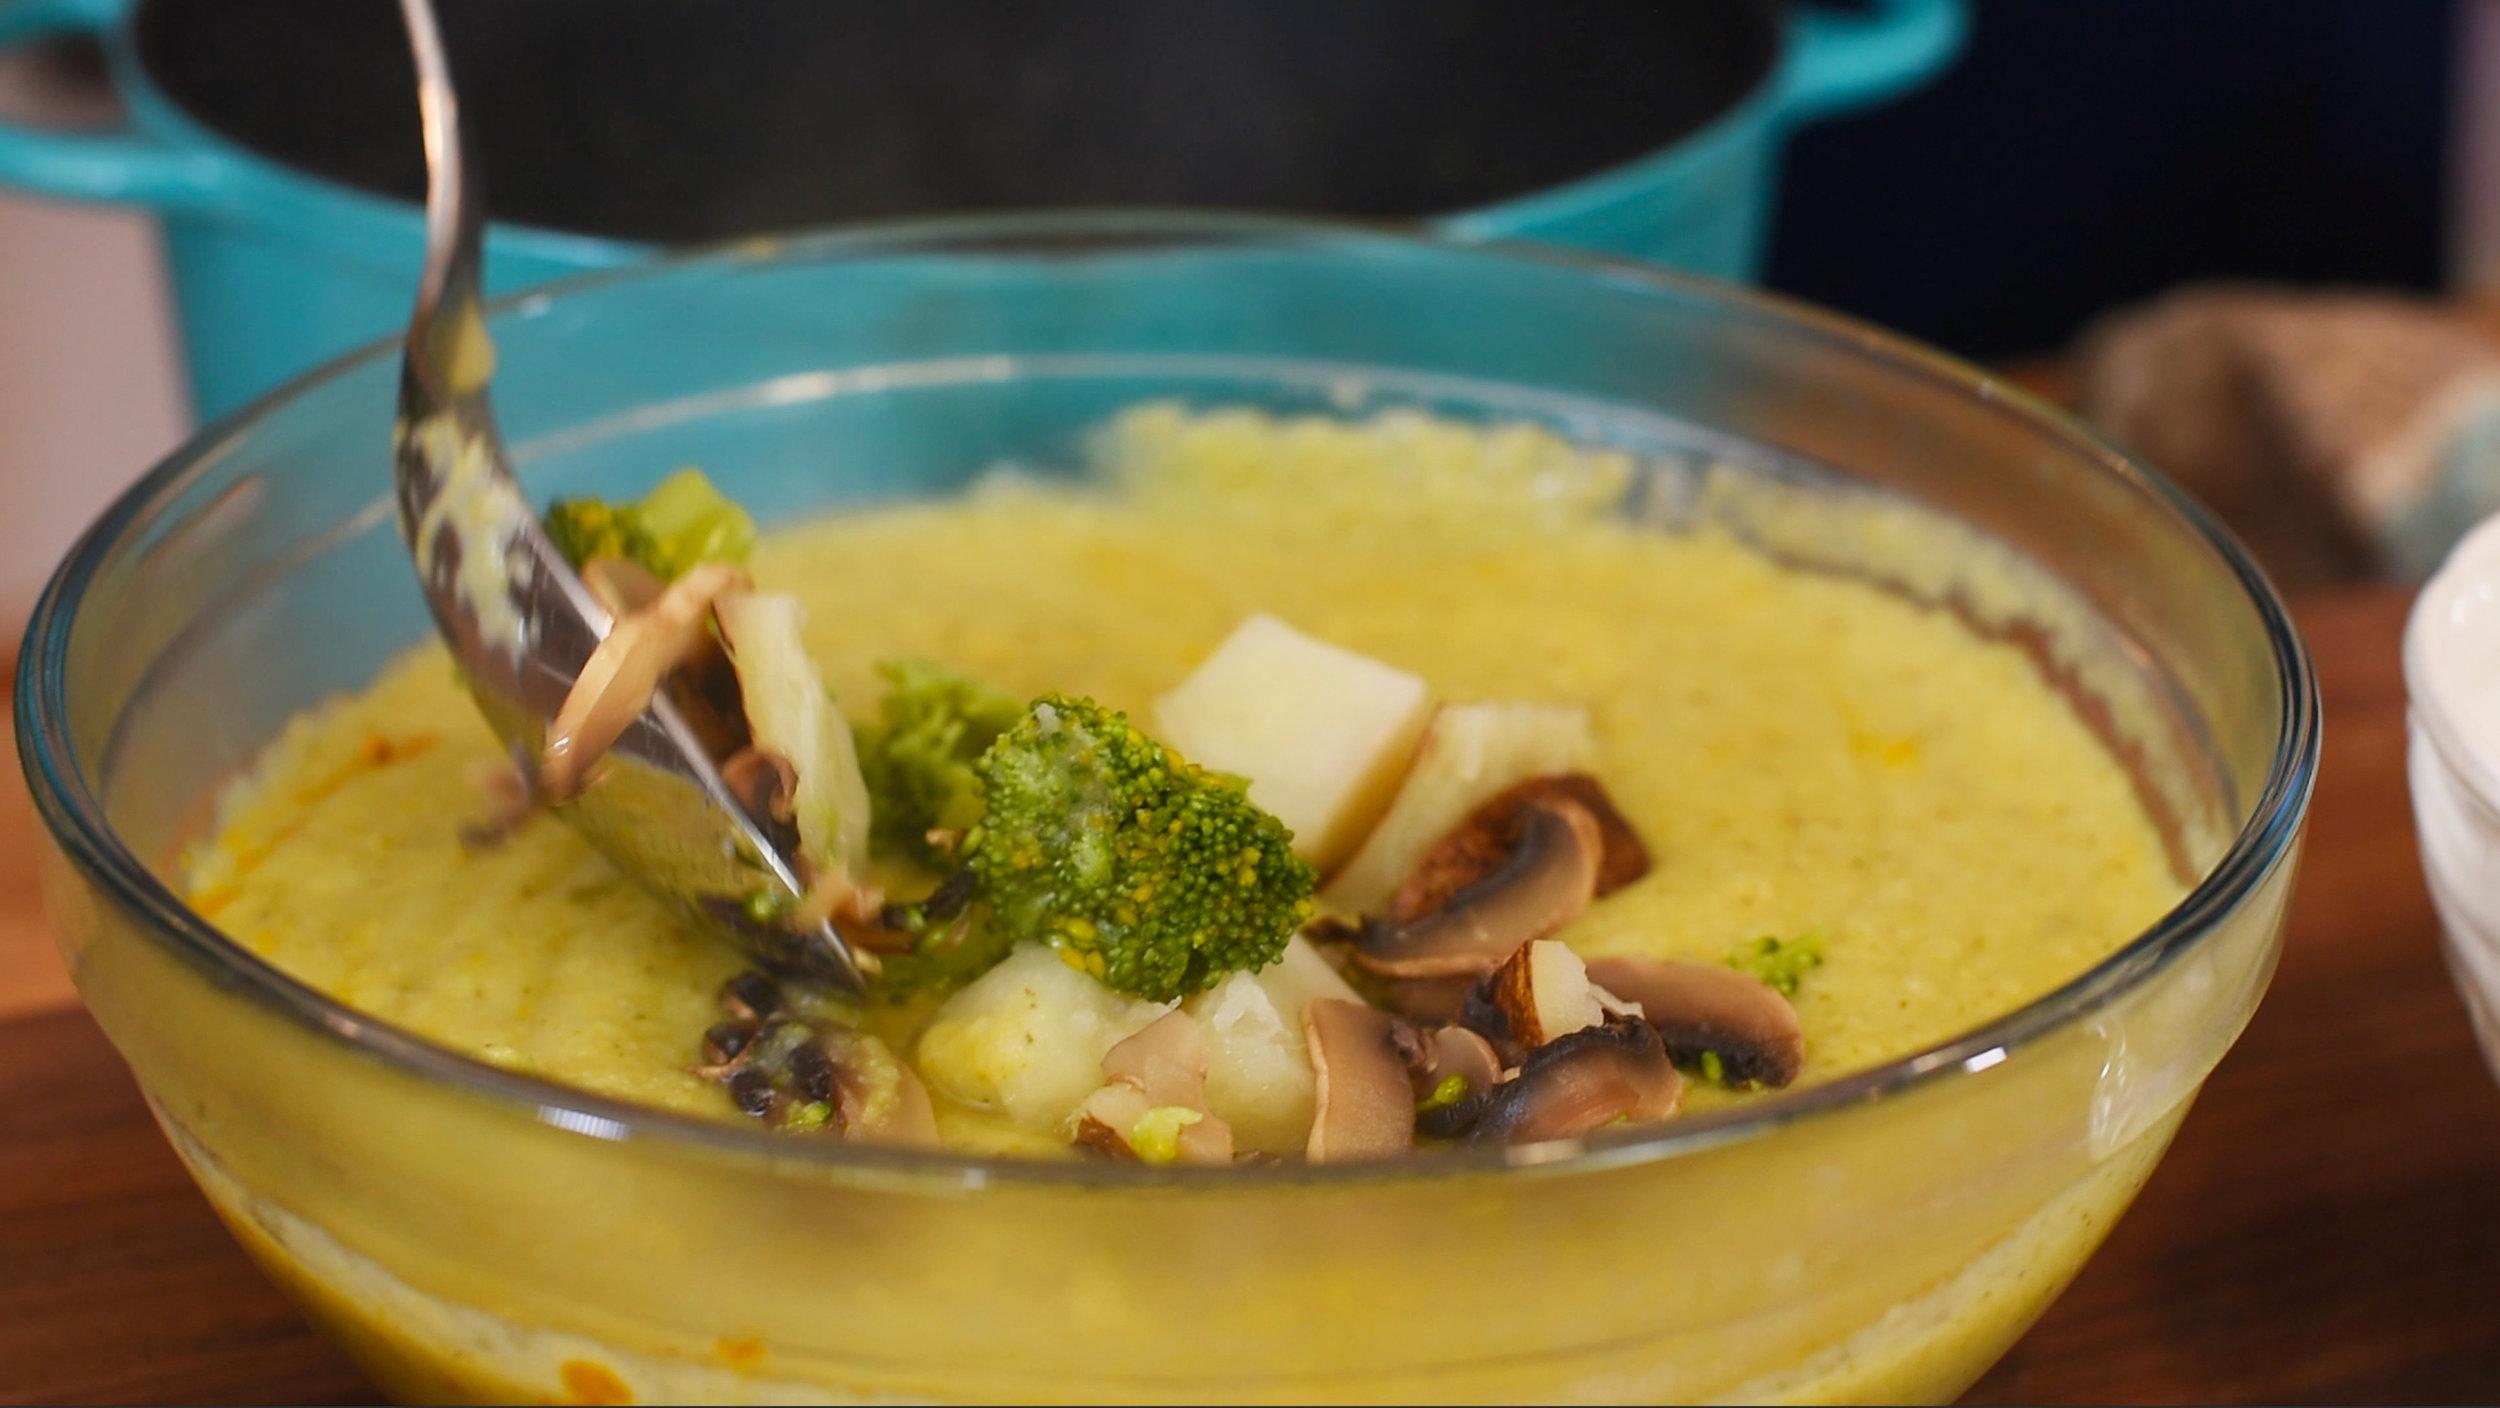 Brian's Broccoli Super Soup